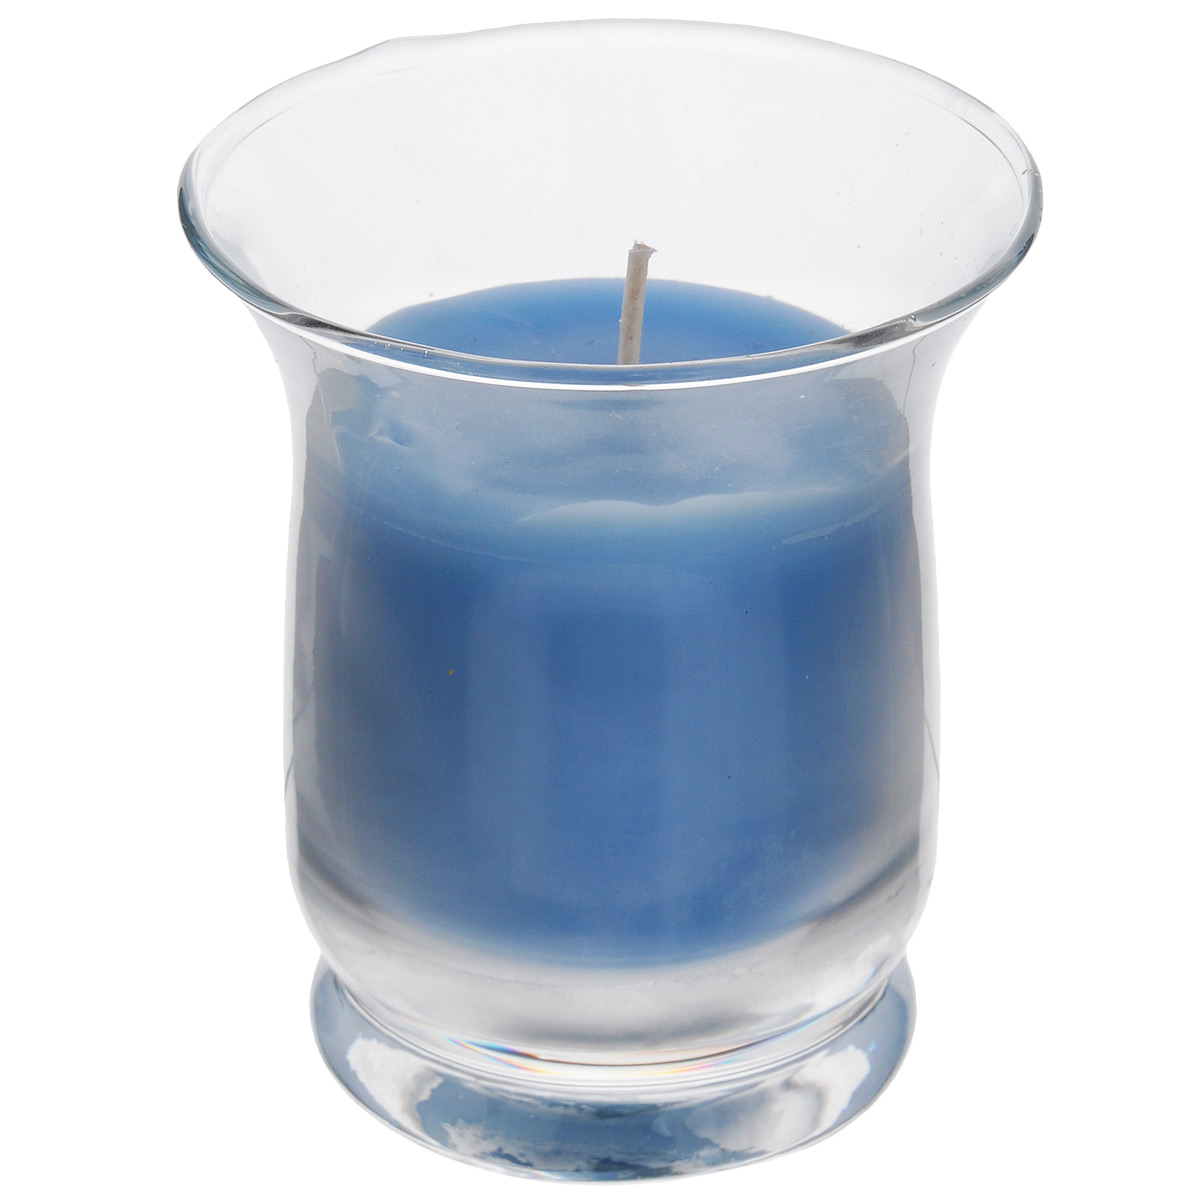 Свеча ароматизированная Sima-land Романтика, с ароматом океана, высота 7,5 см849634Ароматизированная свеча Sima-land Романтика изготовлена из воска и поставляется в стеклянном стакане. Изделие отличается оригинальным дизайном и приятным свежим ароматом. Такая свеча может стать отличным подарком или дополнить интерьер вашей комнаты.